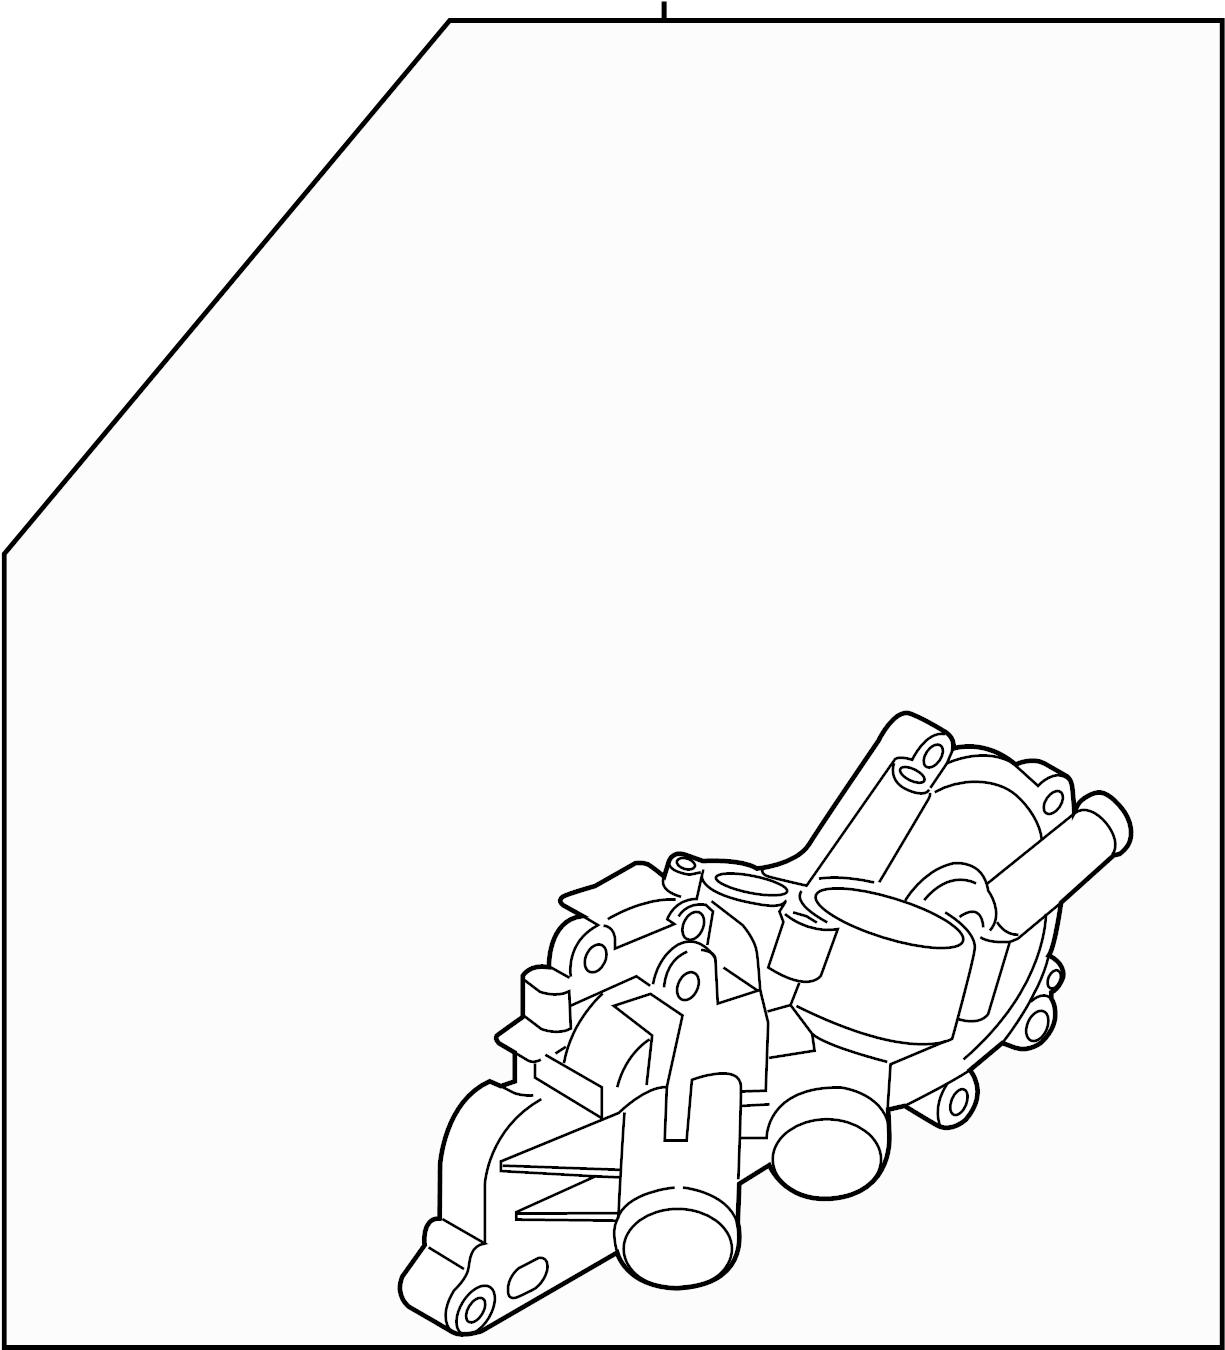 04e A